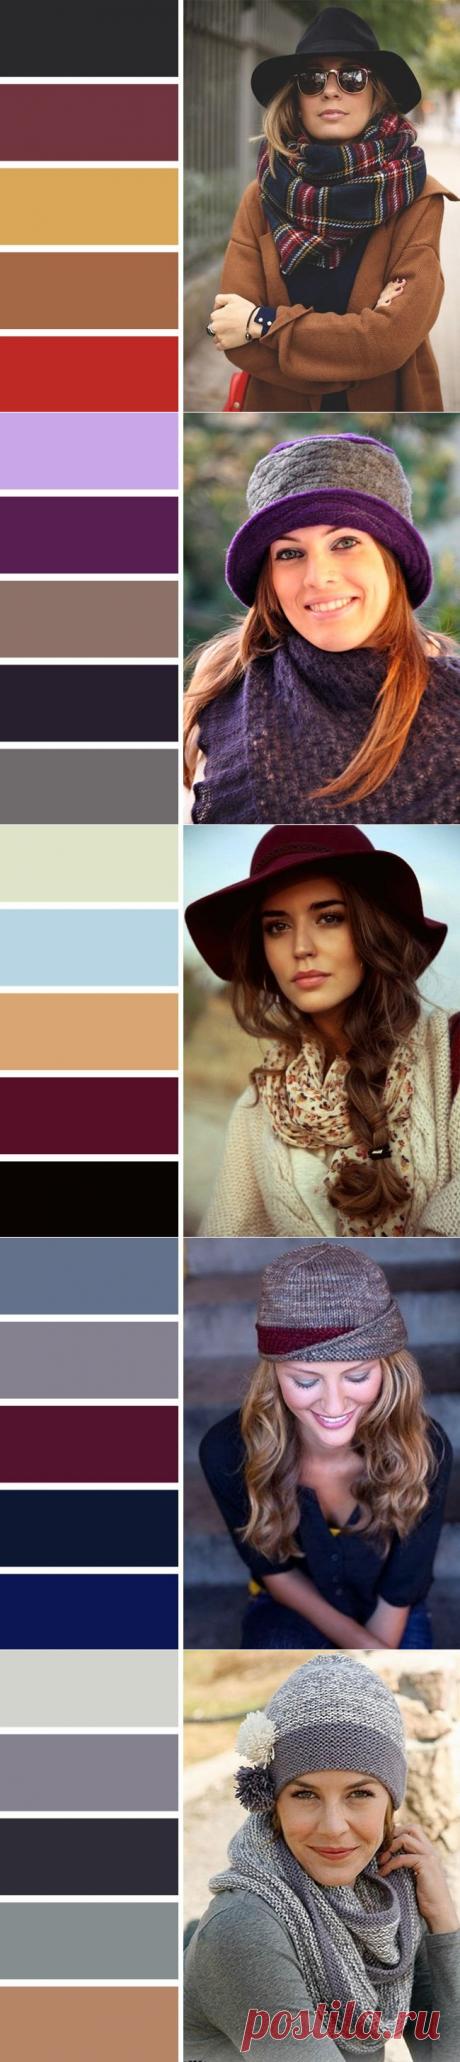 Безукоризненное сочeтание цветов модных шапок и шарфoв